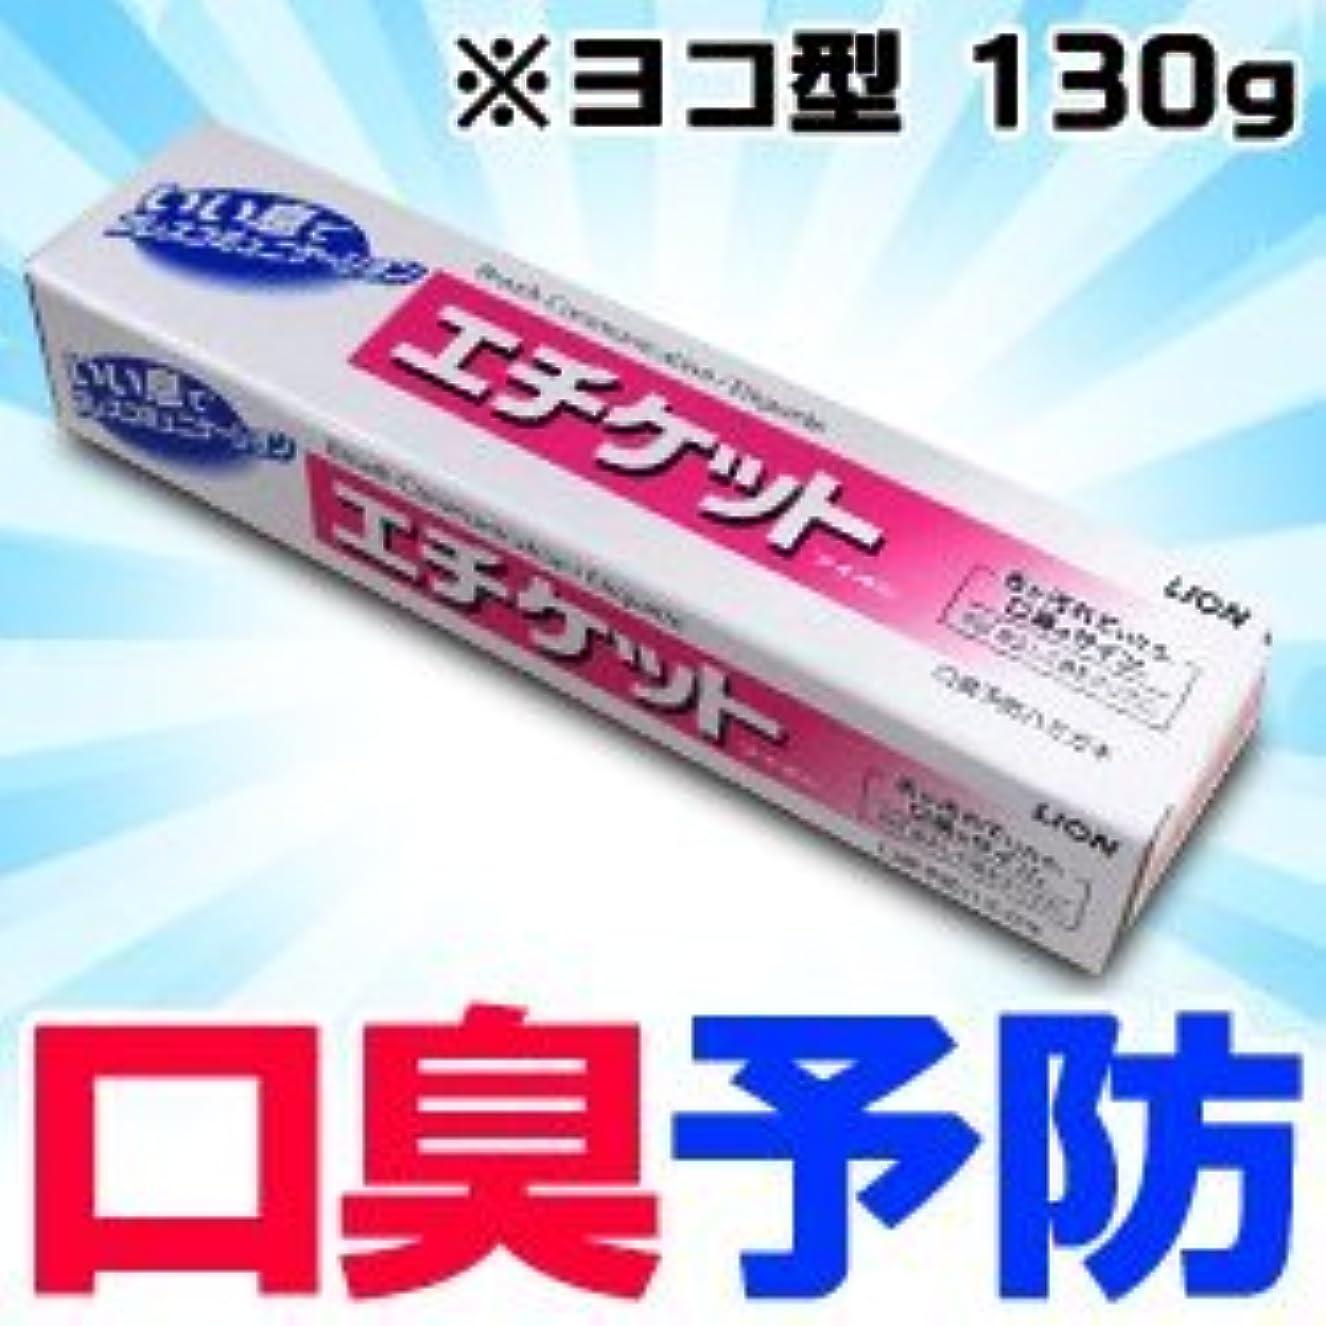 忠誠応答転倒【ライオン】口臭予防ハミガキ「エチケットライオン」 130g ×10個セット